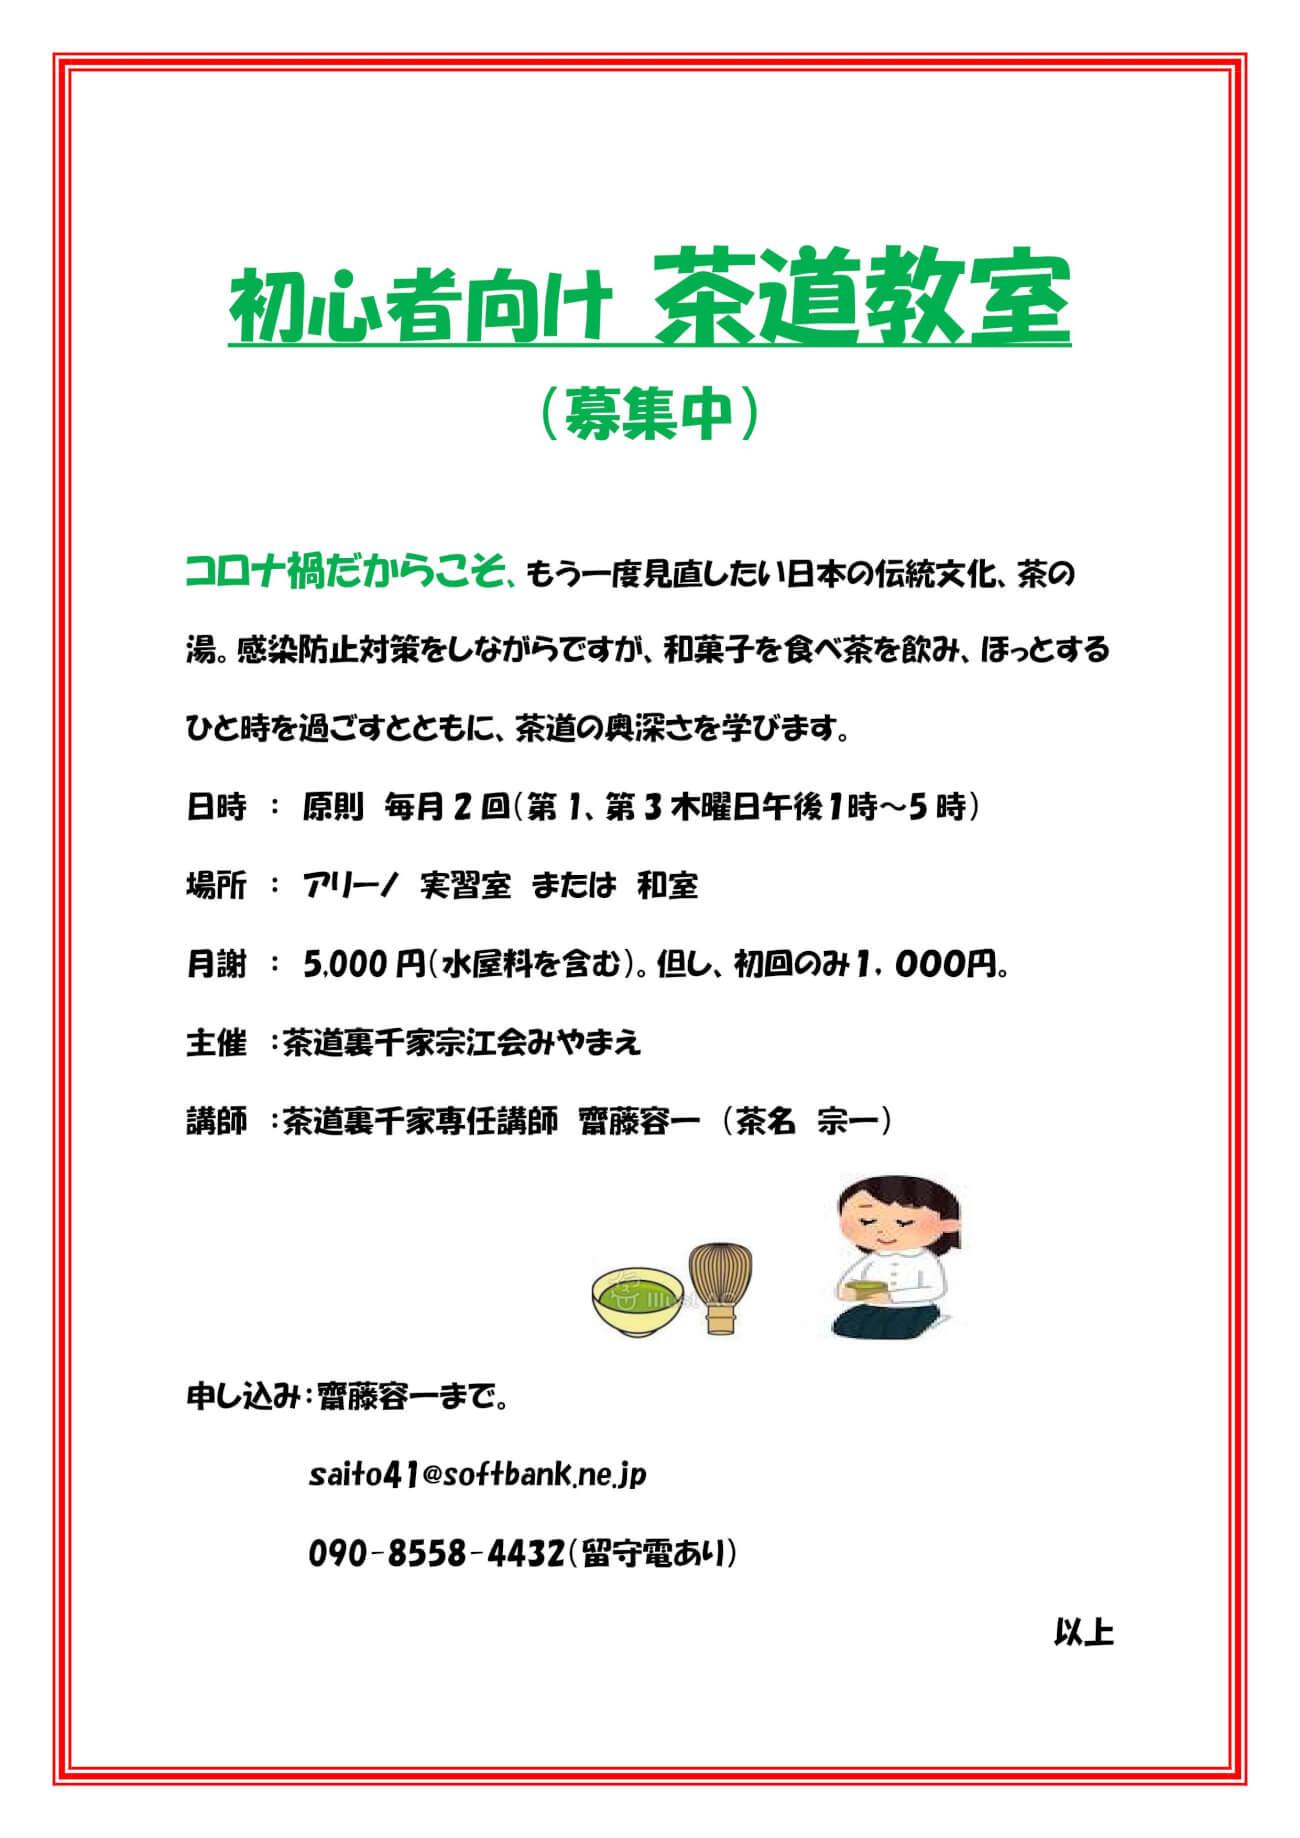 茶道教室募集中_imgs-0001